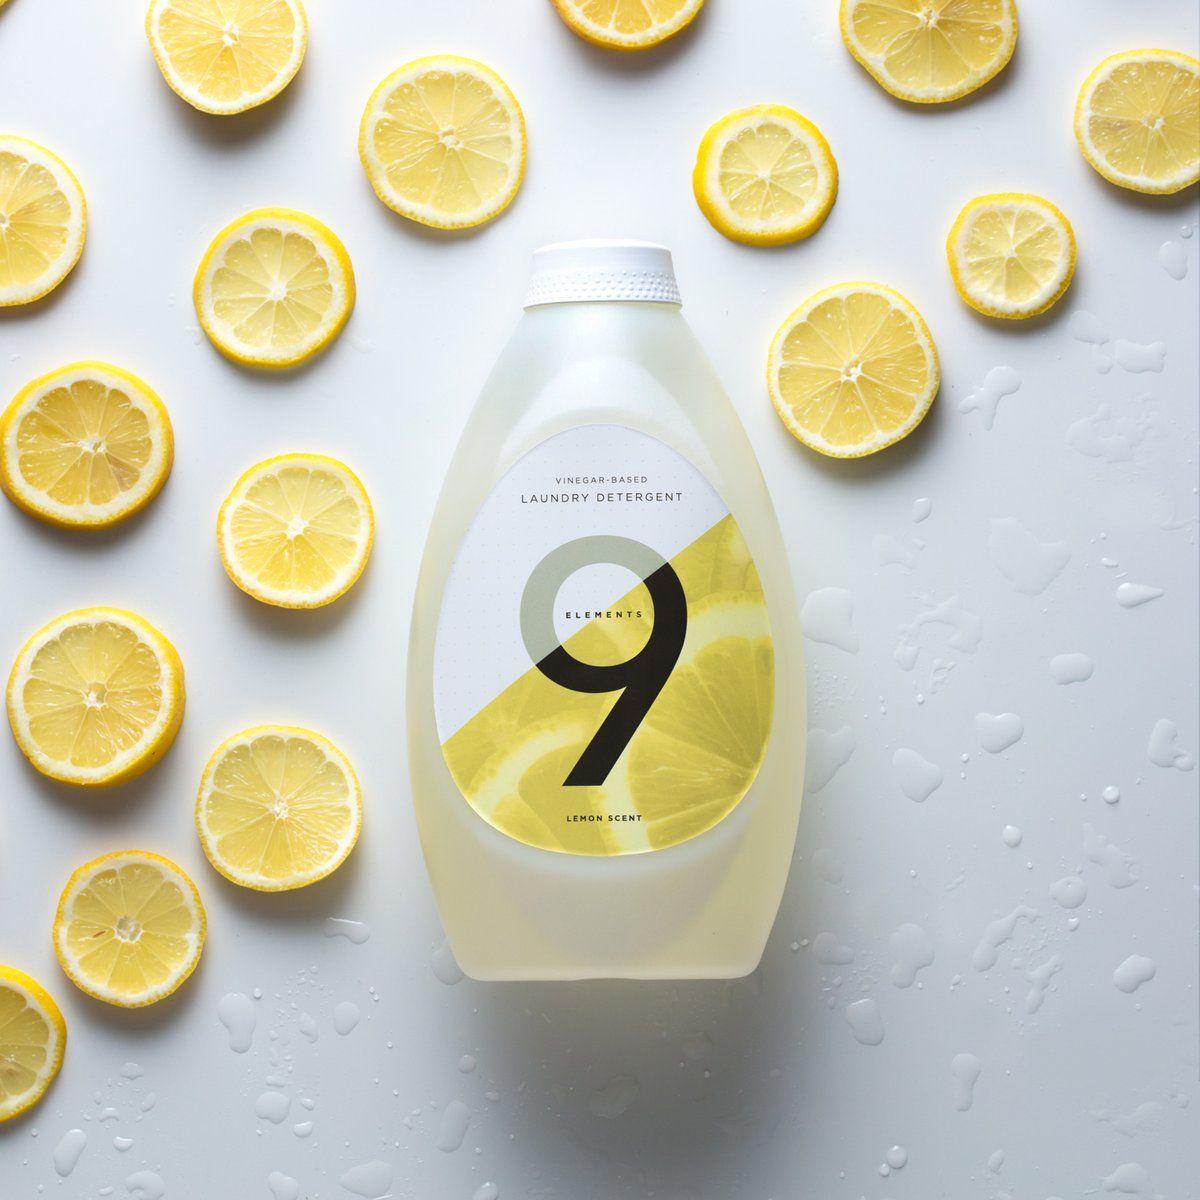 Lemon Laundry Detergent 9 Elements Laundry Detergent Scented